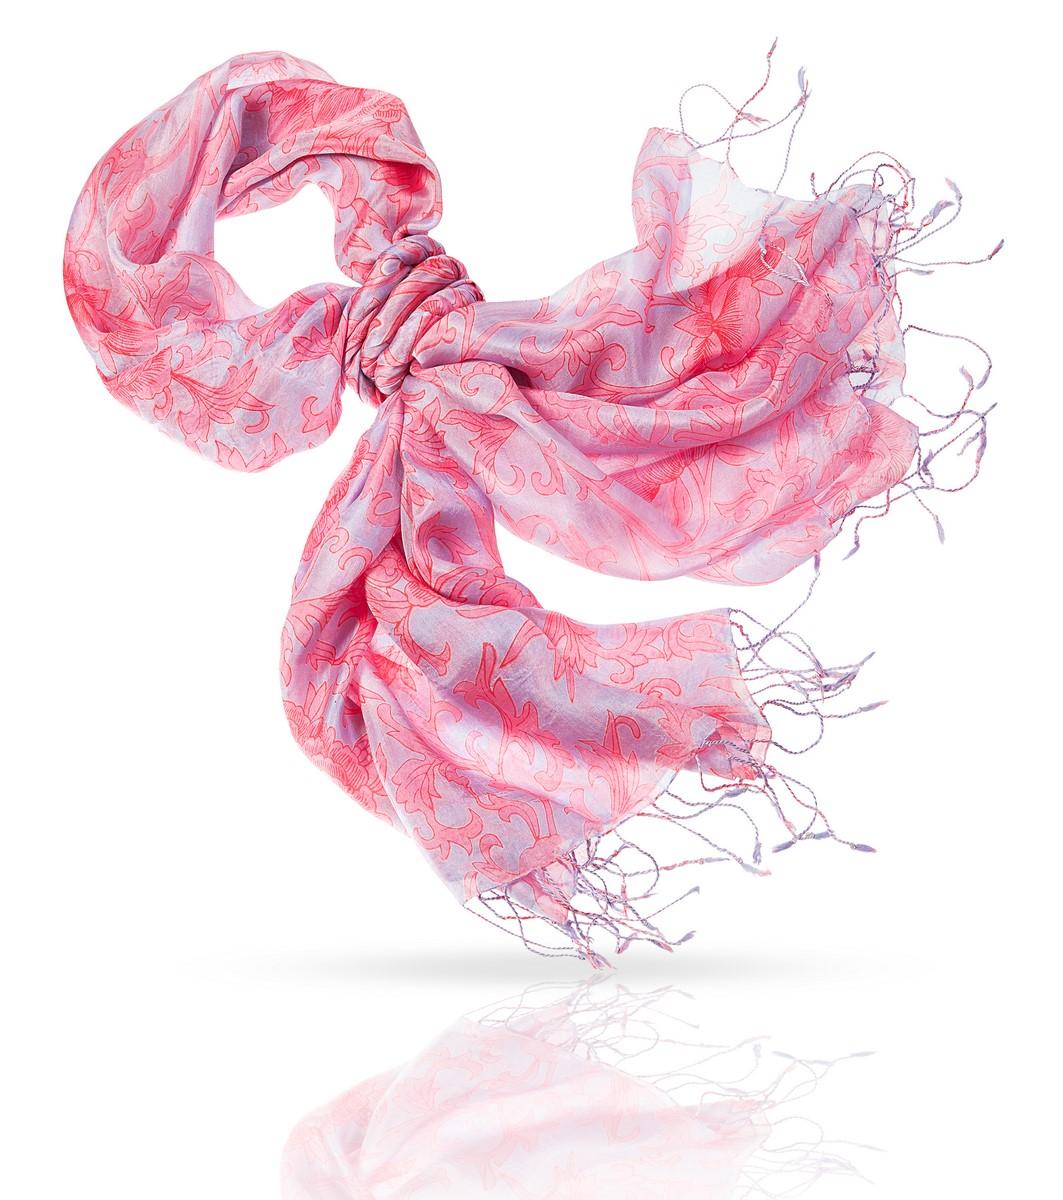 Палантин Michel Katana, цвет: розовый, серый. S-IVY. Размер 110 см х 180 смS-IVY/LILACЭтот палантин создан специально для женщин, про которых говорят в ней что-то есть. Энергичный, смелый узор может доминировать, если вы расправите легкое шелковое полотно, или служить яркой деталью, если завязать палантин на шее, на груди или даже на поясе. В любом случае - с этим аксессуаром вы будете неотразимы!